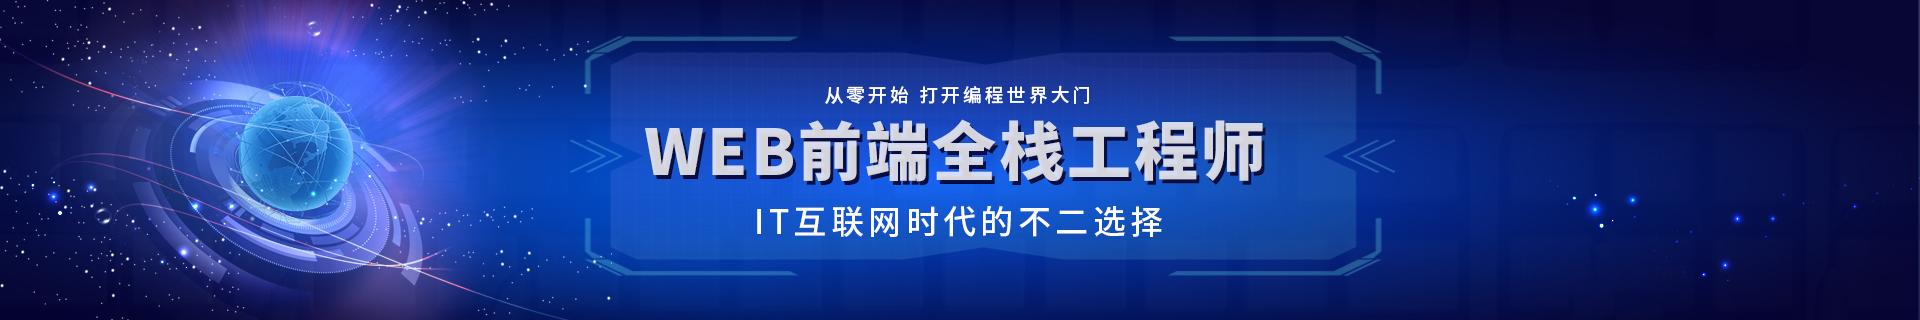 天津和平银河中心达内IT教育培训